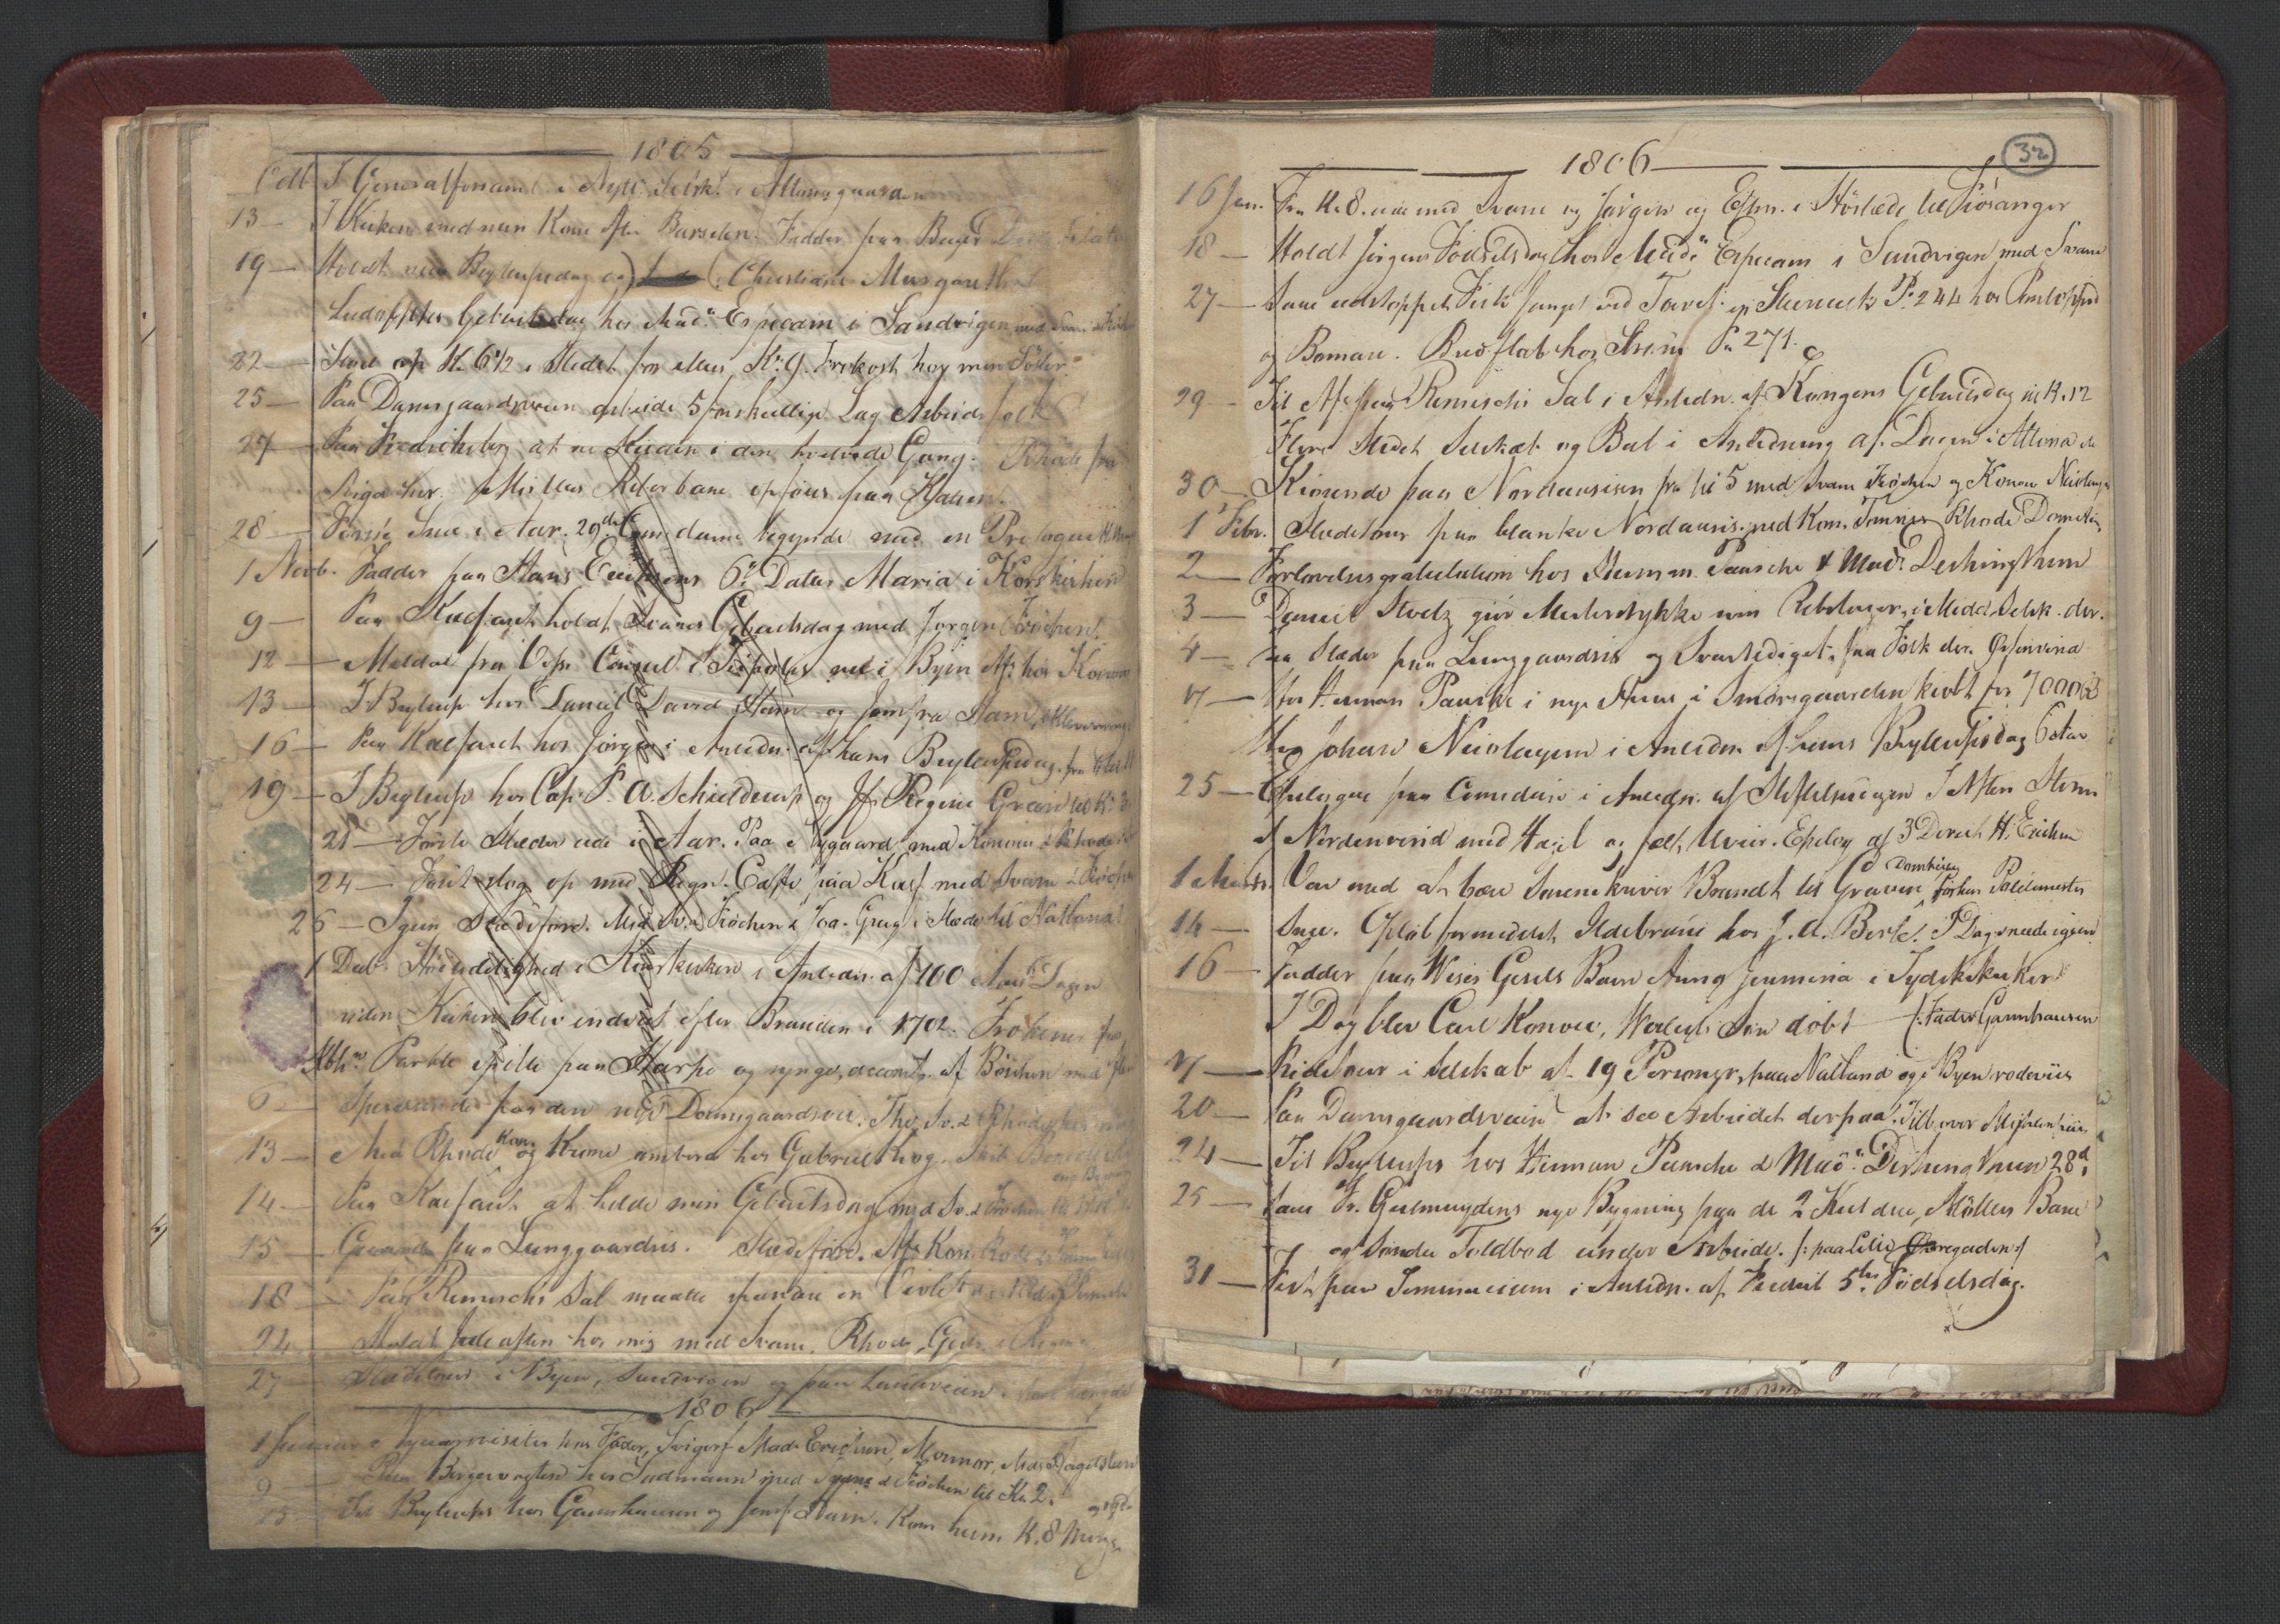 RA, Meltzer, Fredrik, F/L0002: Dagbok, 1796-1808, s. 31b-32a